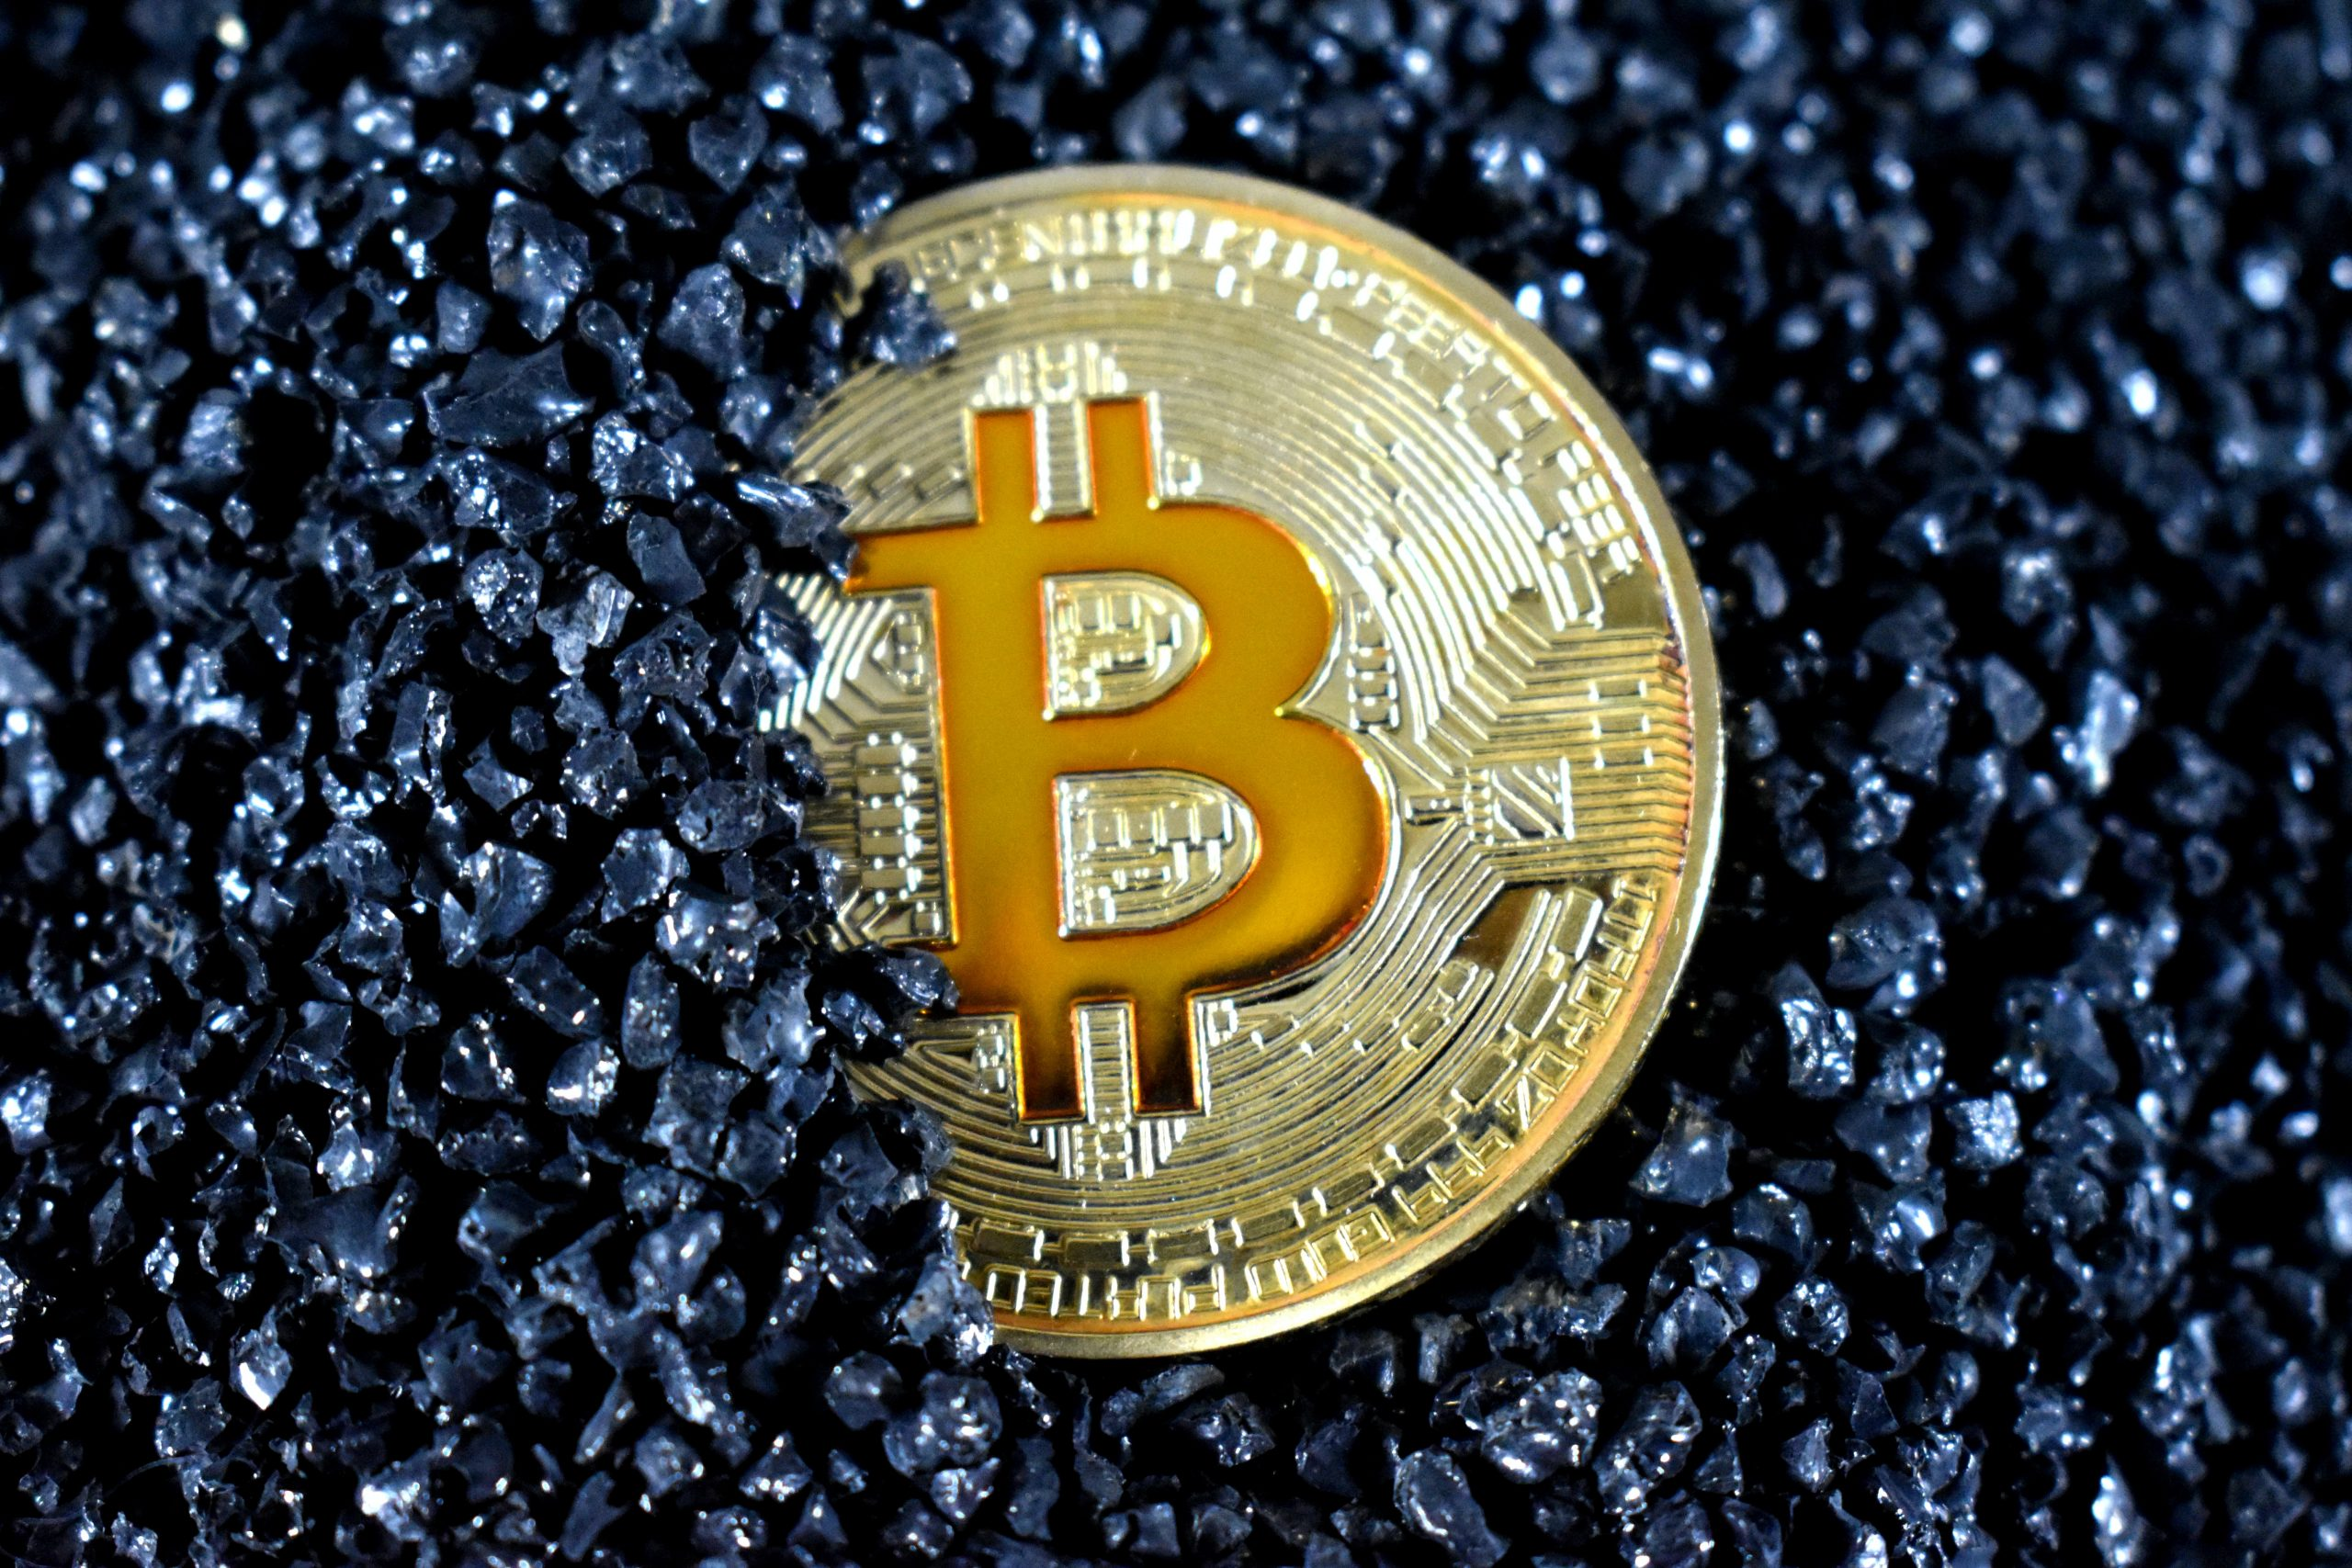 Bitcoin ira geresnės investicijos pinigus - Tassazione akcijų pasirinkimo sandoriai